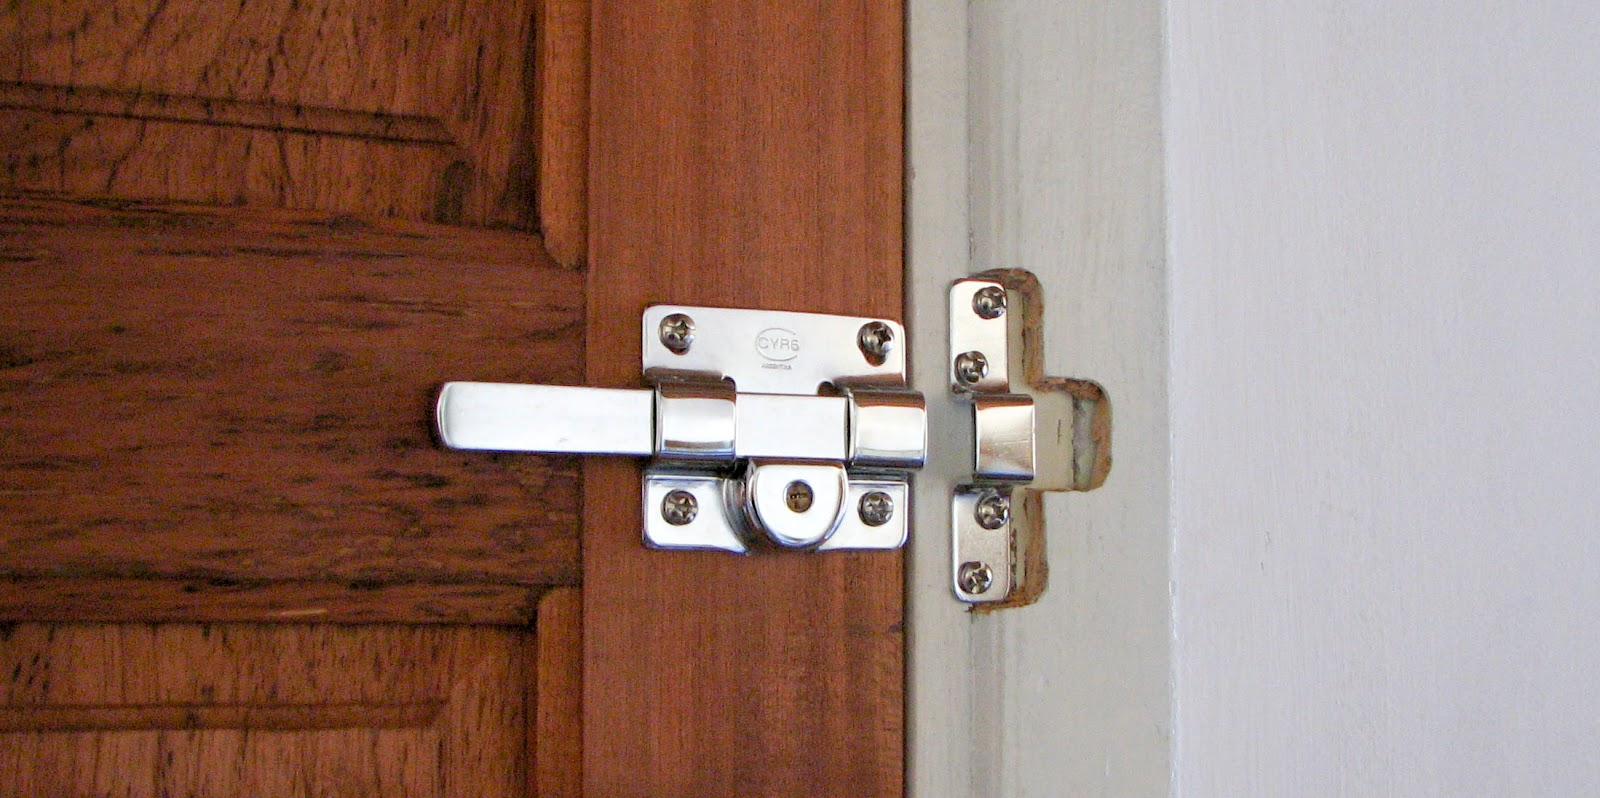 Cerrajeria fg consejos para mejorar la seguridad del hogar for Cuanto sale una puerta